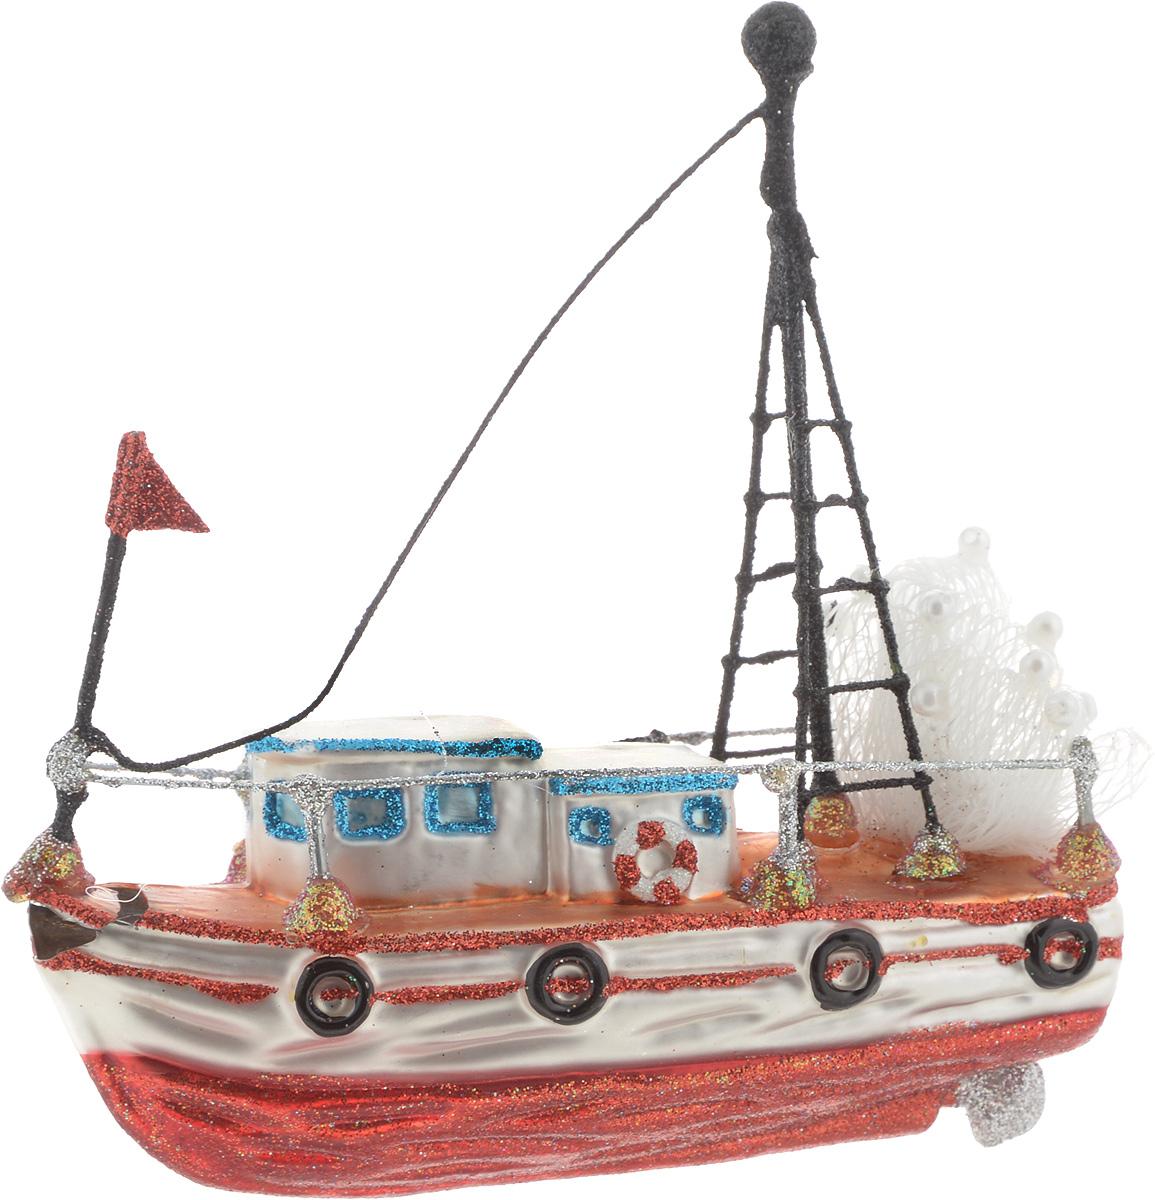 """Новогоднее подвесное украшение Winter Wings """"Кораблик"""" выполнено из стекла в виде корабля и украшено блестками. Изделие можно повесить в любом понравившемся вам месте. Но, конечно, удачнее всего оно будет смотреться на праздничной елке.Елочная игрушка - символ Нового года. Она несет в себе волшебство и красоту праздника. Создайте в своем доме атмосферу веселья и радости, украшая новогоднюю елку нарядными игрушками, которые будут из года в год накапливать теплоту воспоминаний."""